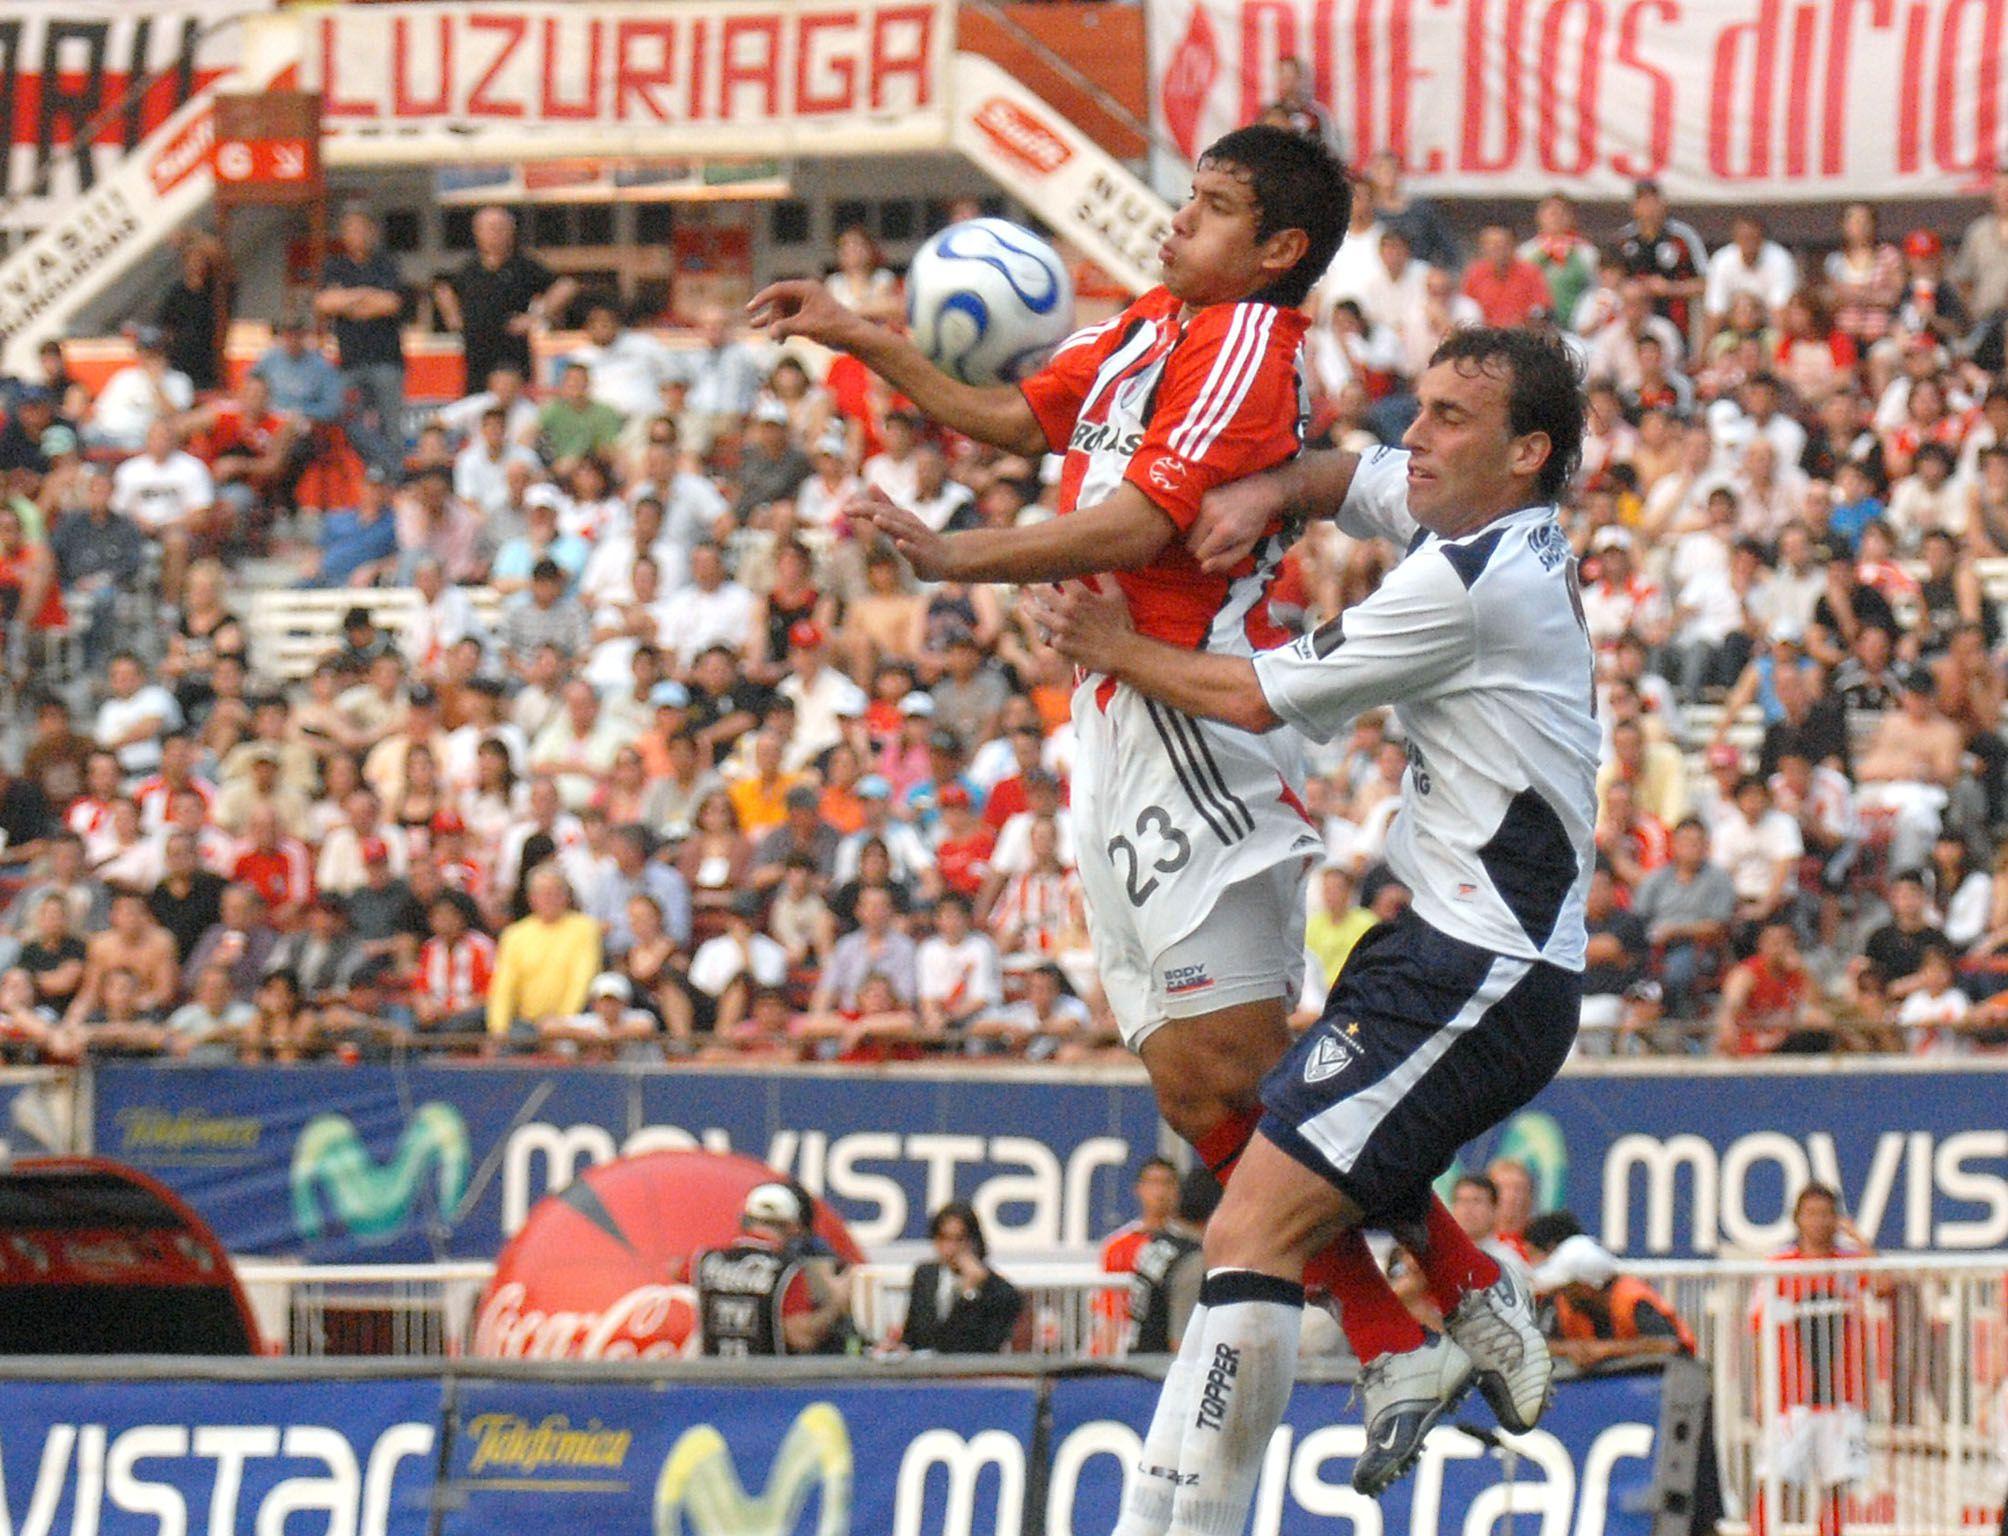 Andres Ríos